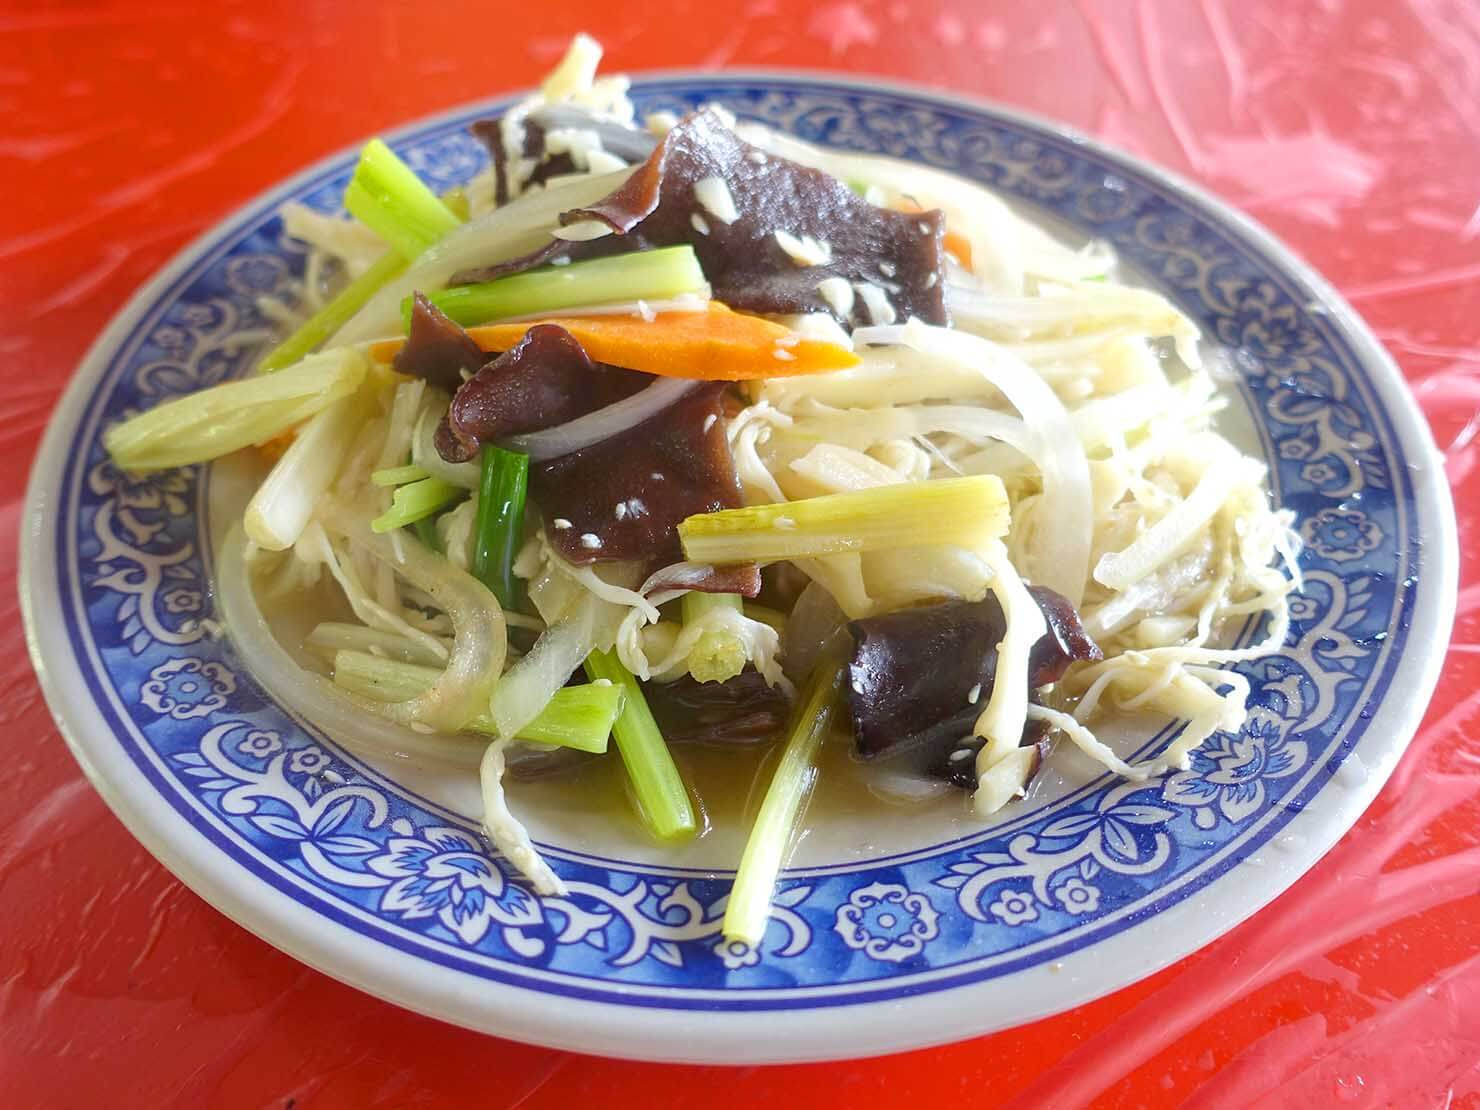 台北・陽明山のおすすめスポット「竹子湖」のレストランでいただいた檳榔花の炒めもの